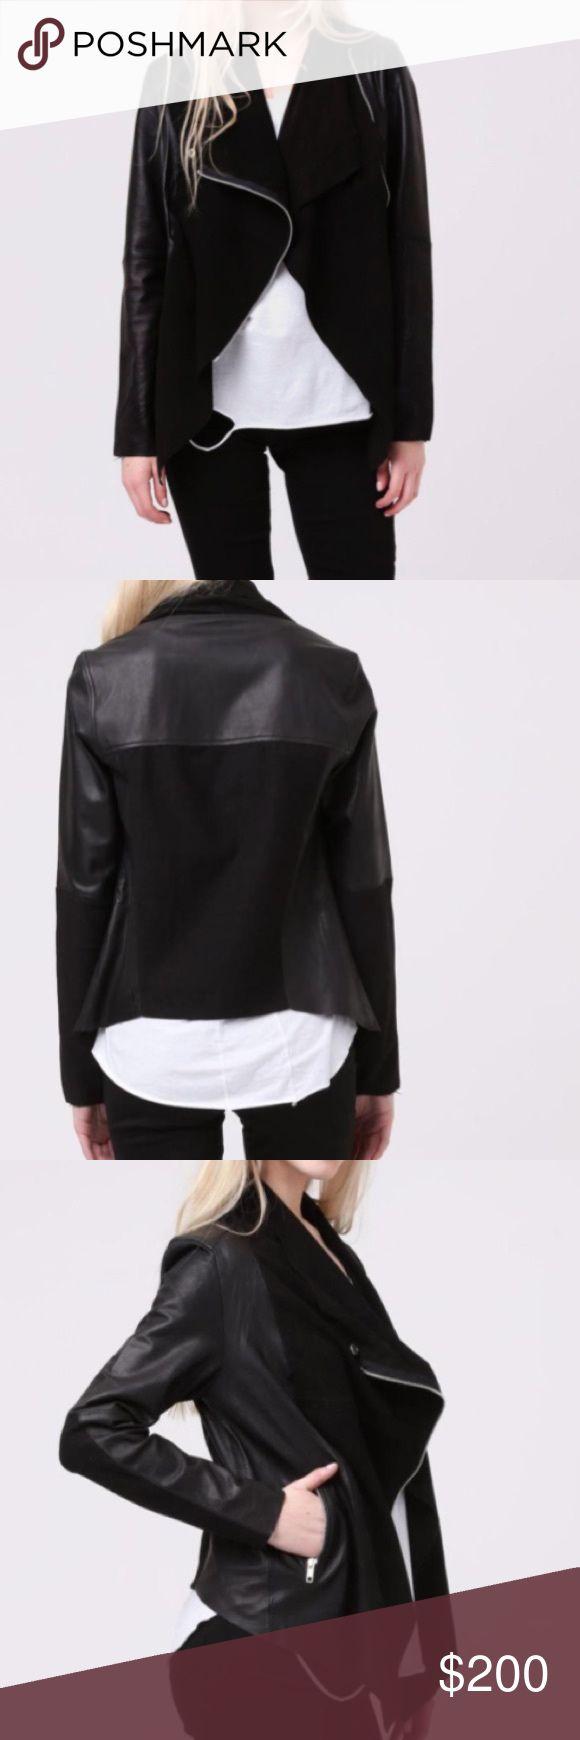 Religion Clothing Jet Black Publicized Jacket Jet Black Publicized Jacket - never been worn. Size medium. Religion Clothing Jackets & Coats